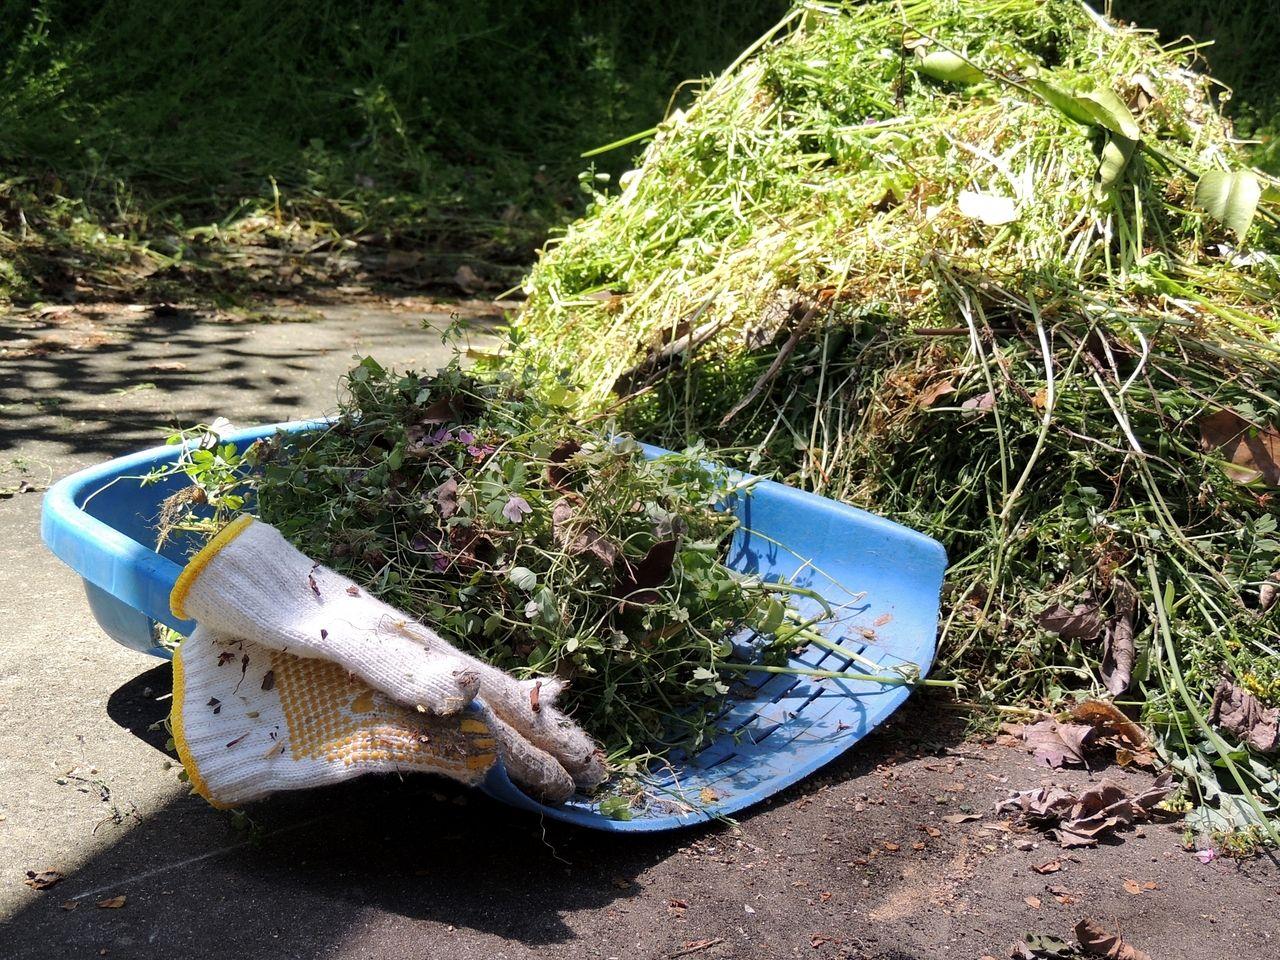 これからの季節。アパート、駐車場など雑草が生い茂って大変。何とかしなければ!